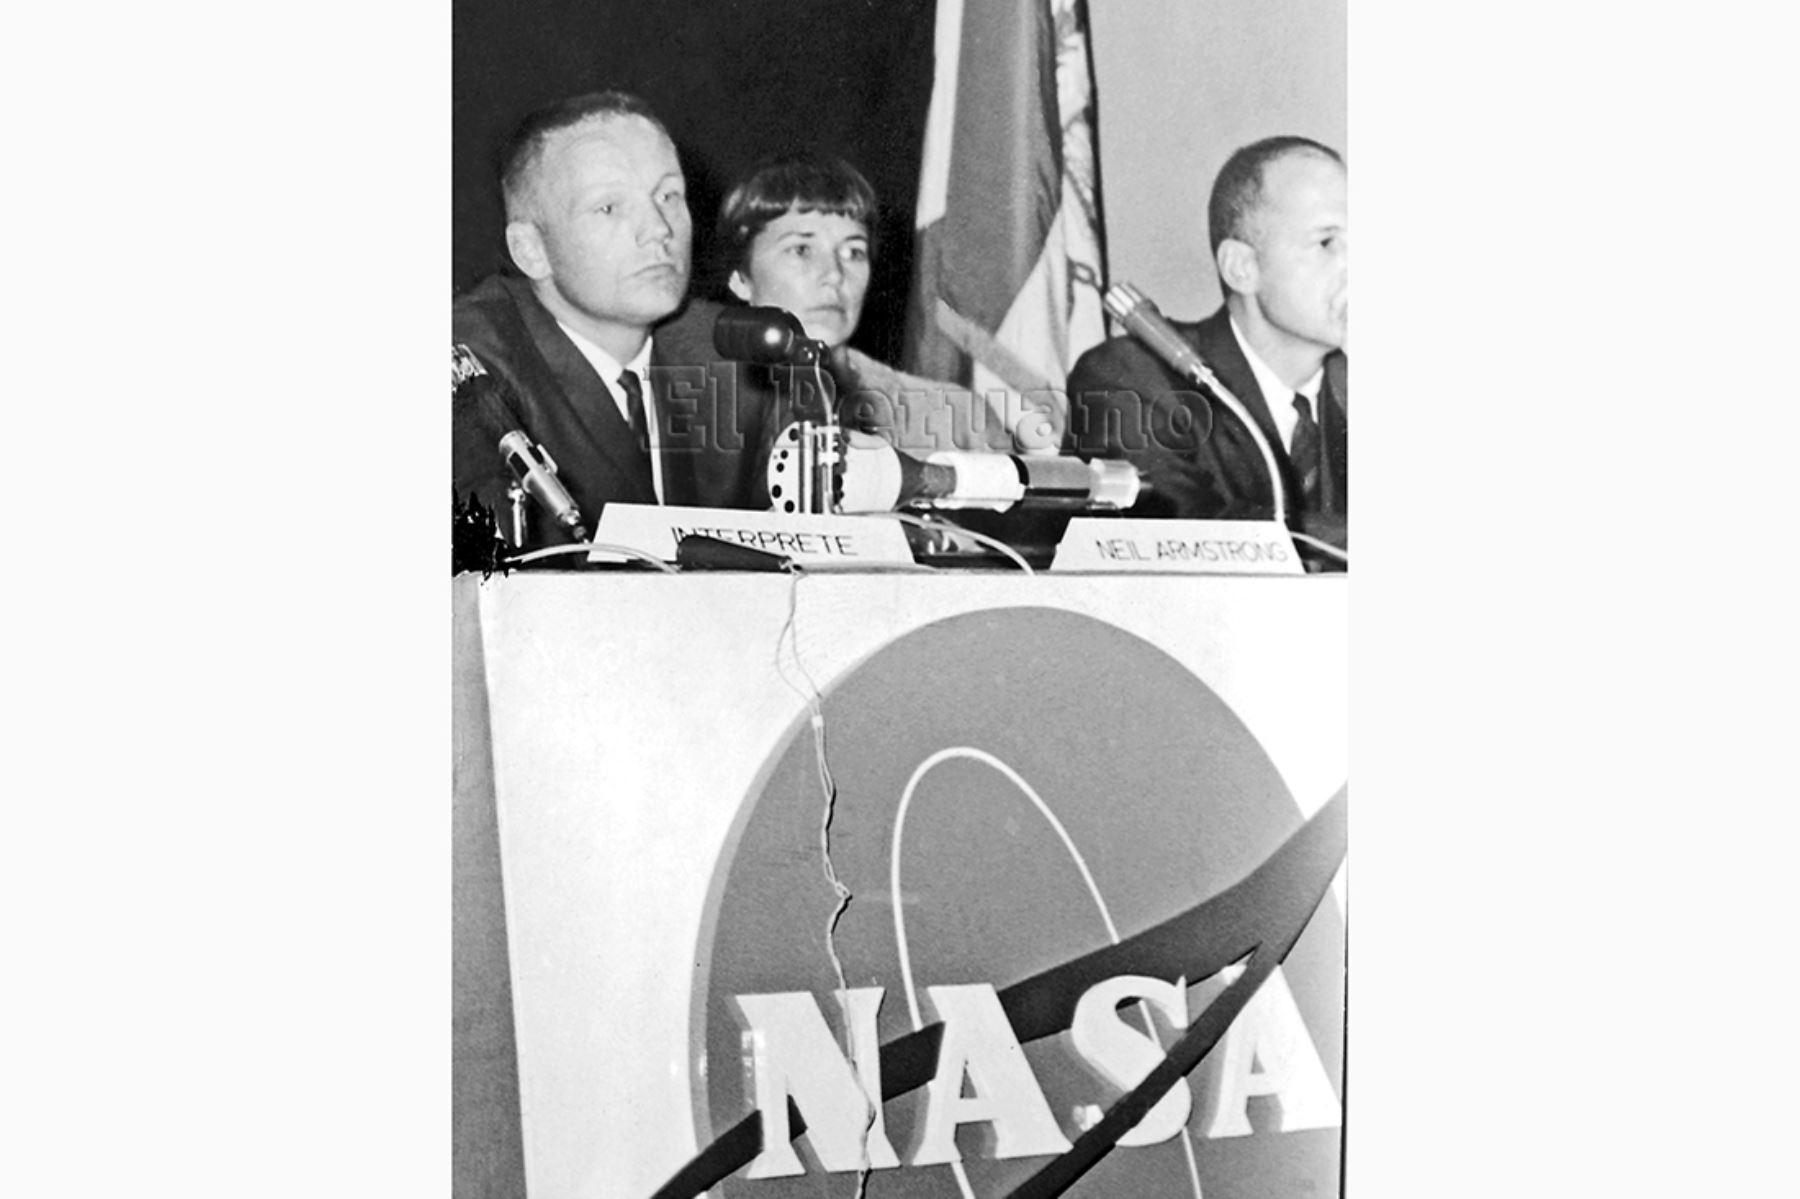 Lima - 14 octubre 1966 / Los astronautas Neil Armstrong y Richard Gordon ofrecieron una conferencia de prensa en la E¿mbajada de los Estados Unidos. Contaron sus experiencias y se mostraron locuaces y alegres. Foto: Archivo Histórico de EL PERUANO